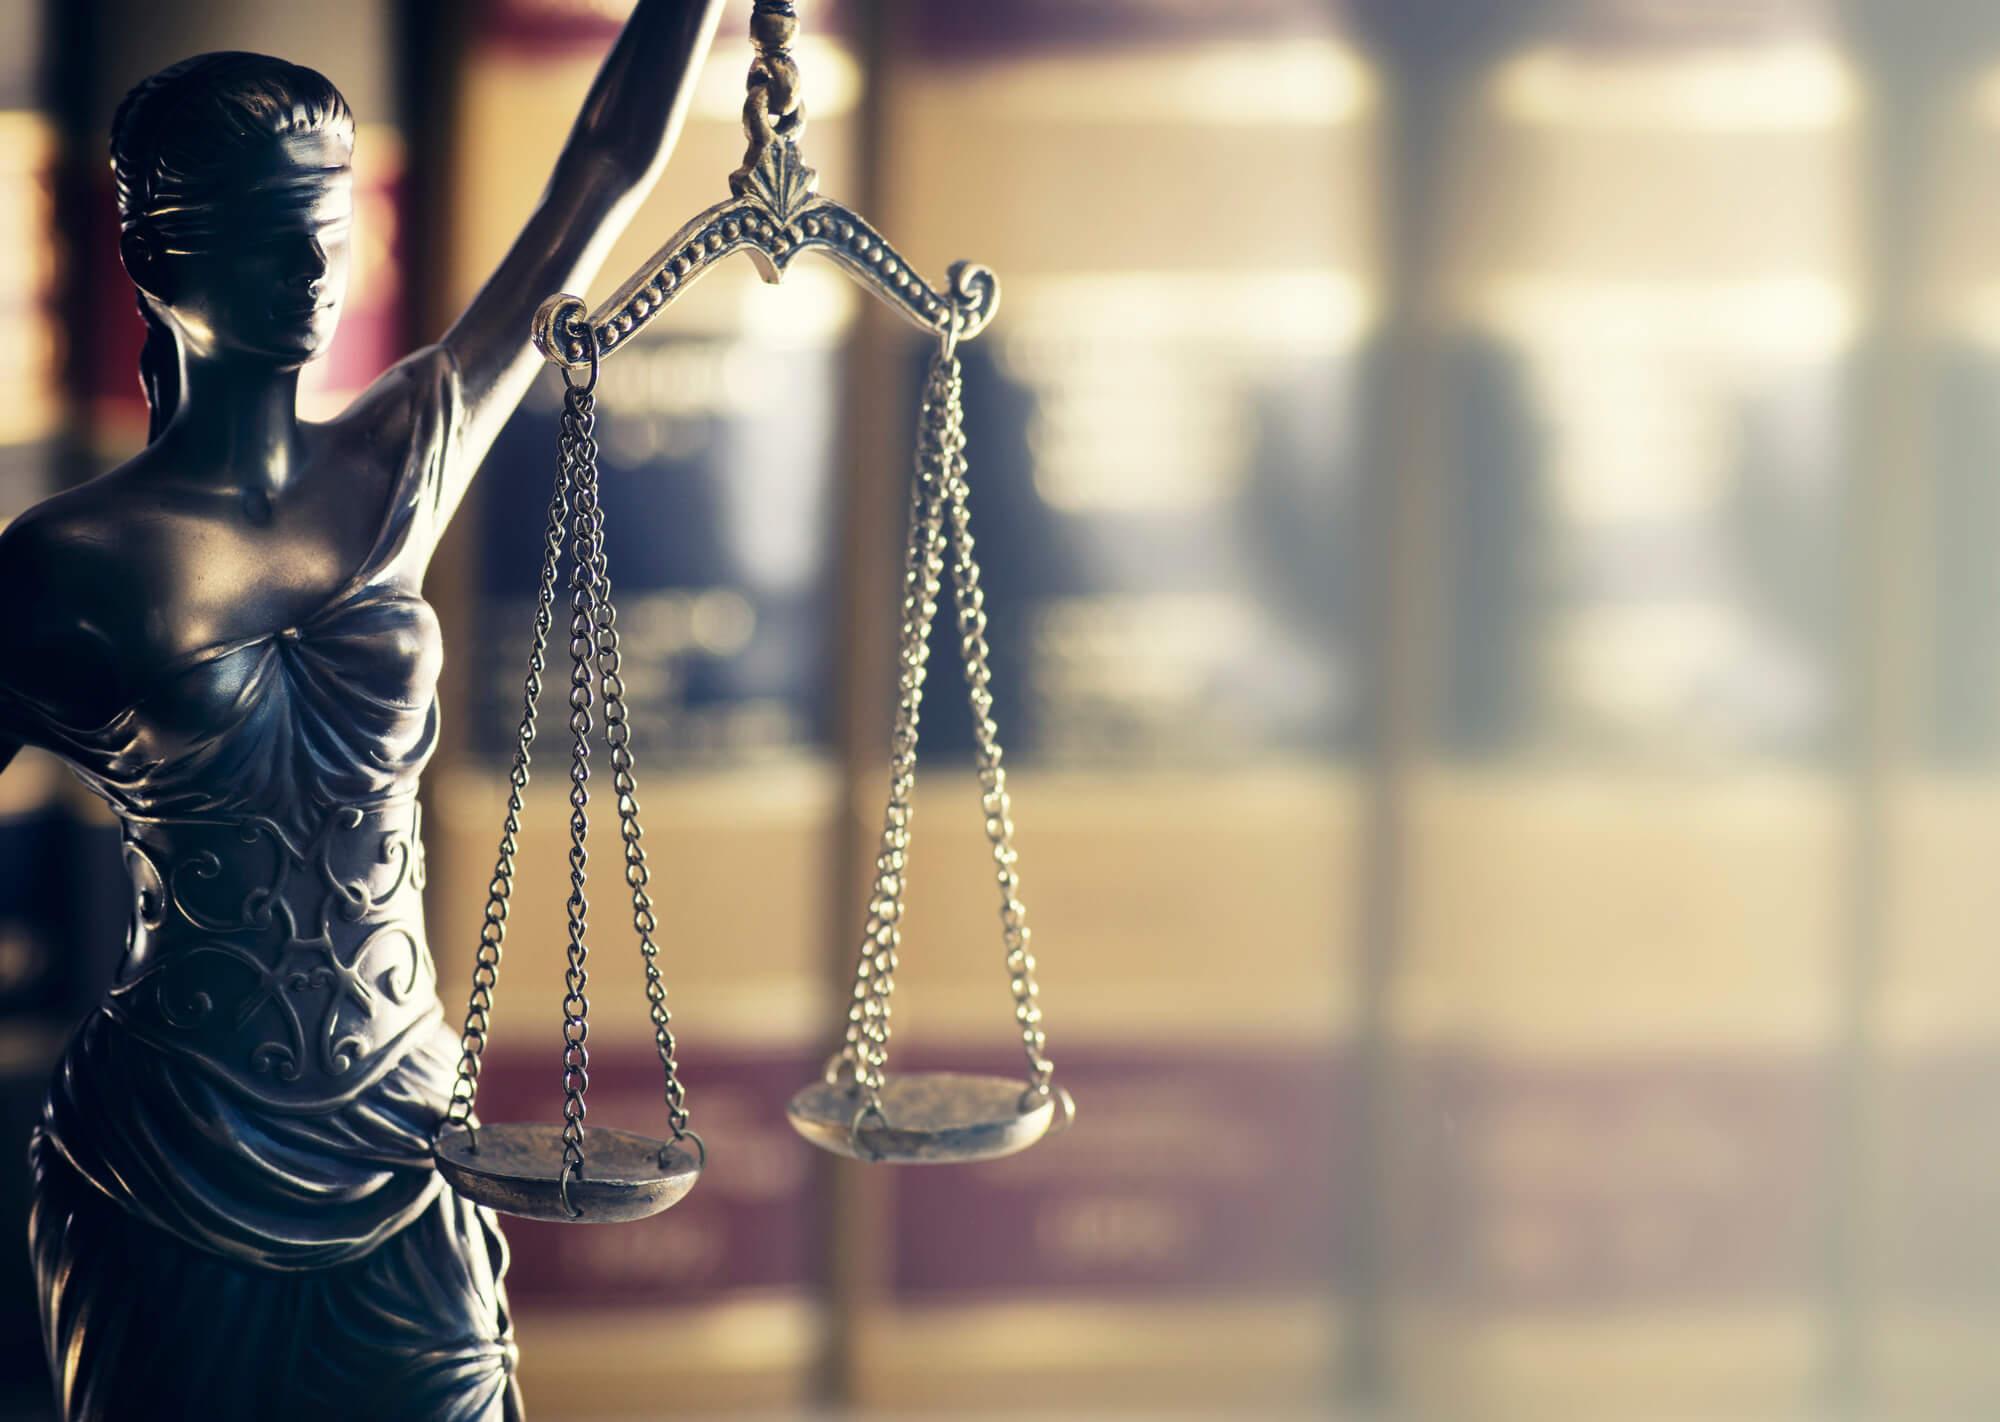 כל השיקולים שיש לקחת בחשבון לפני שכירת עורך דין פלילי